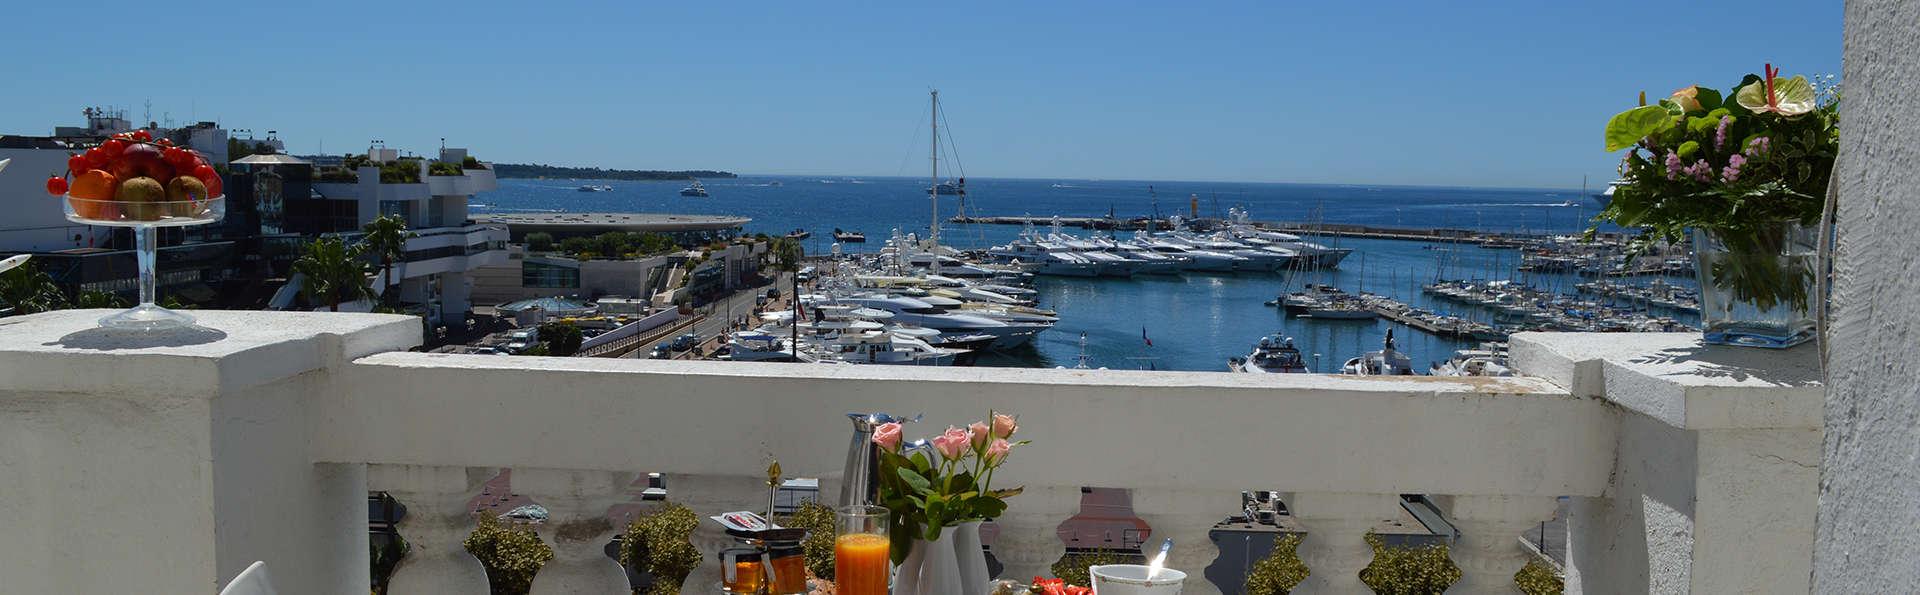 Overnachten met zicht op zee in Cannes